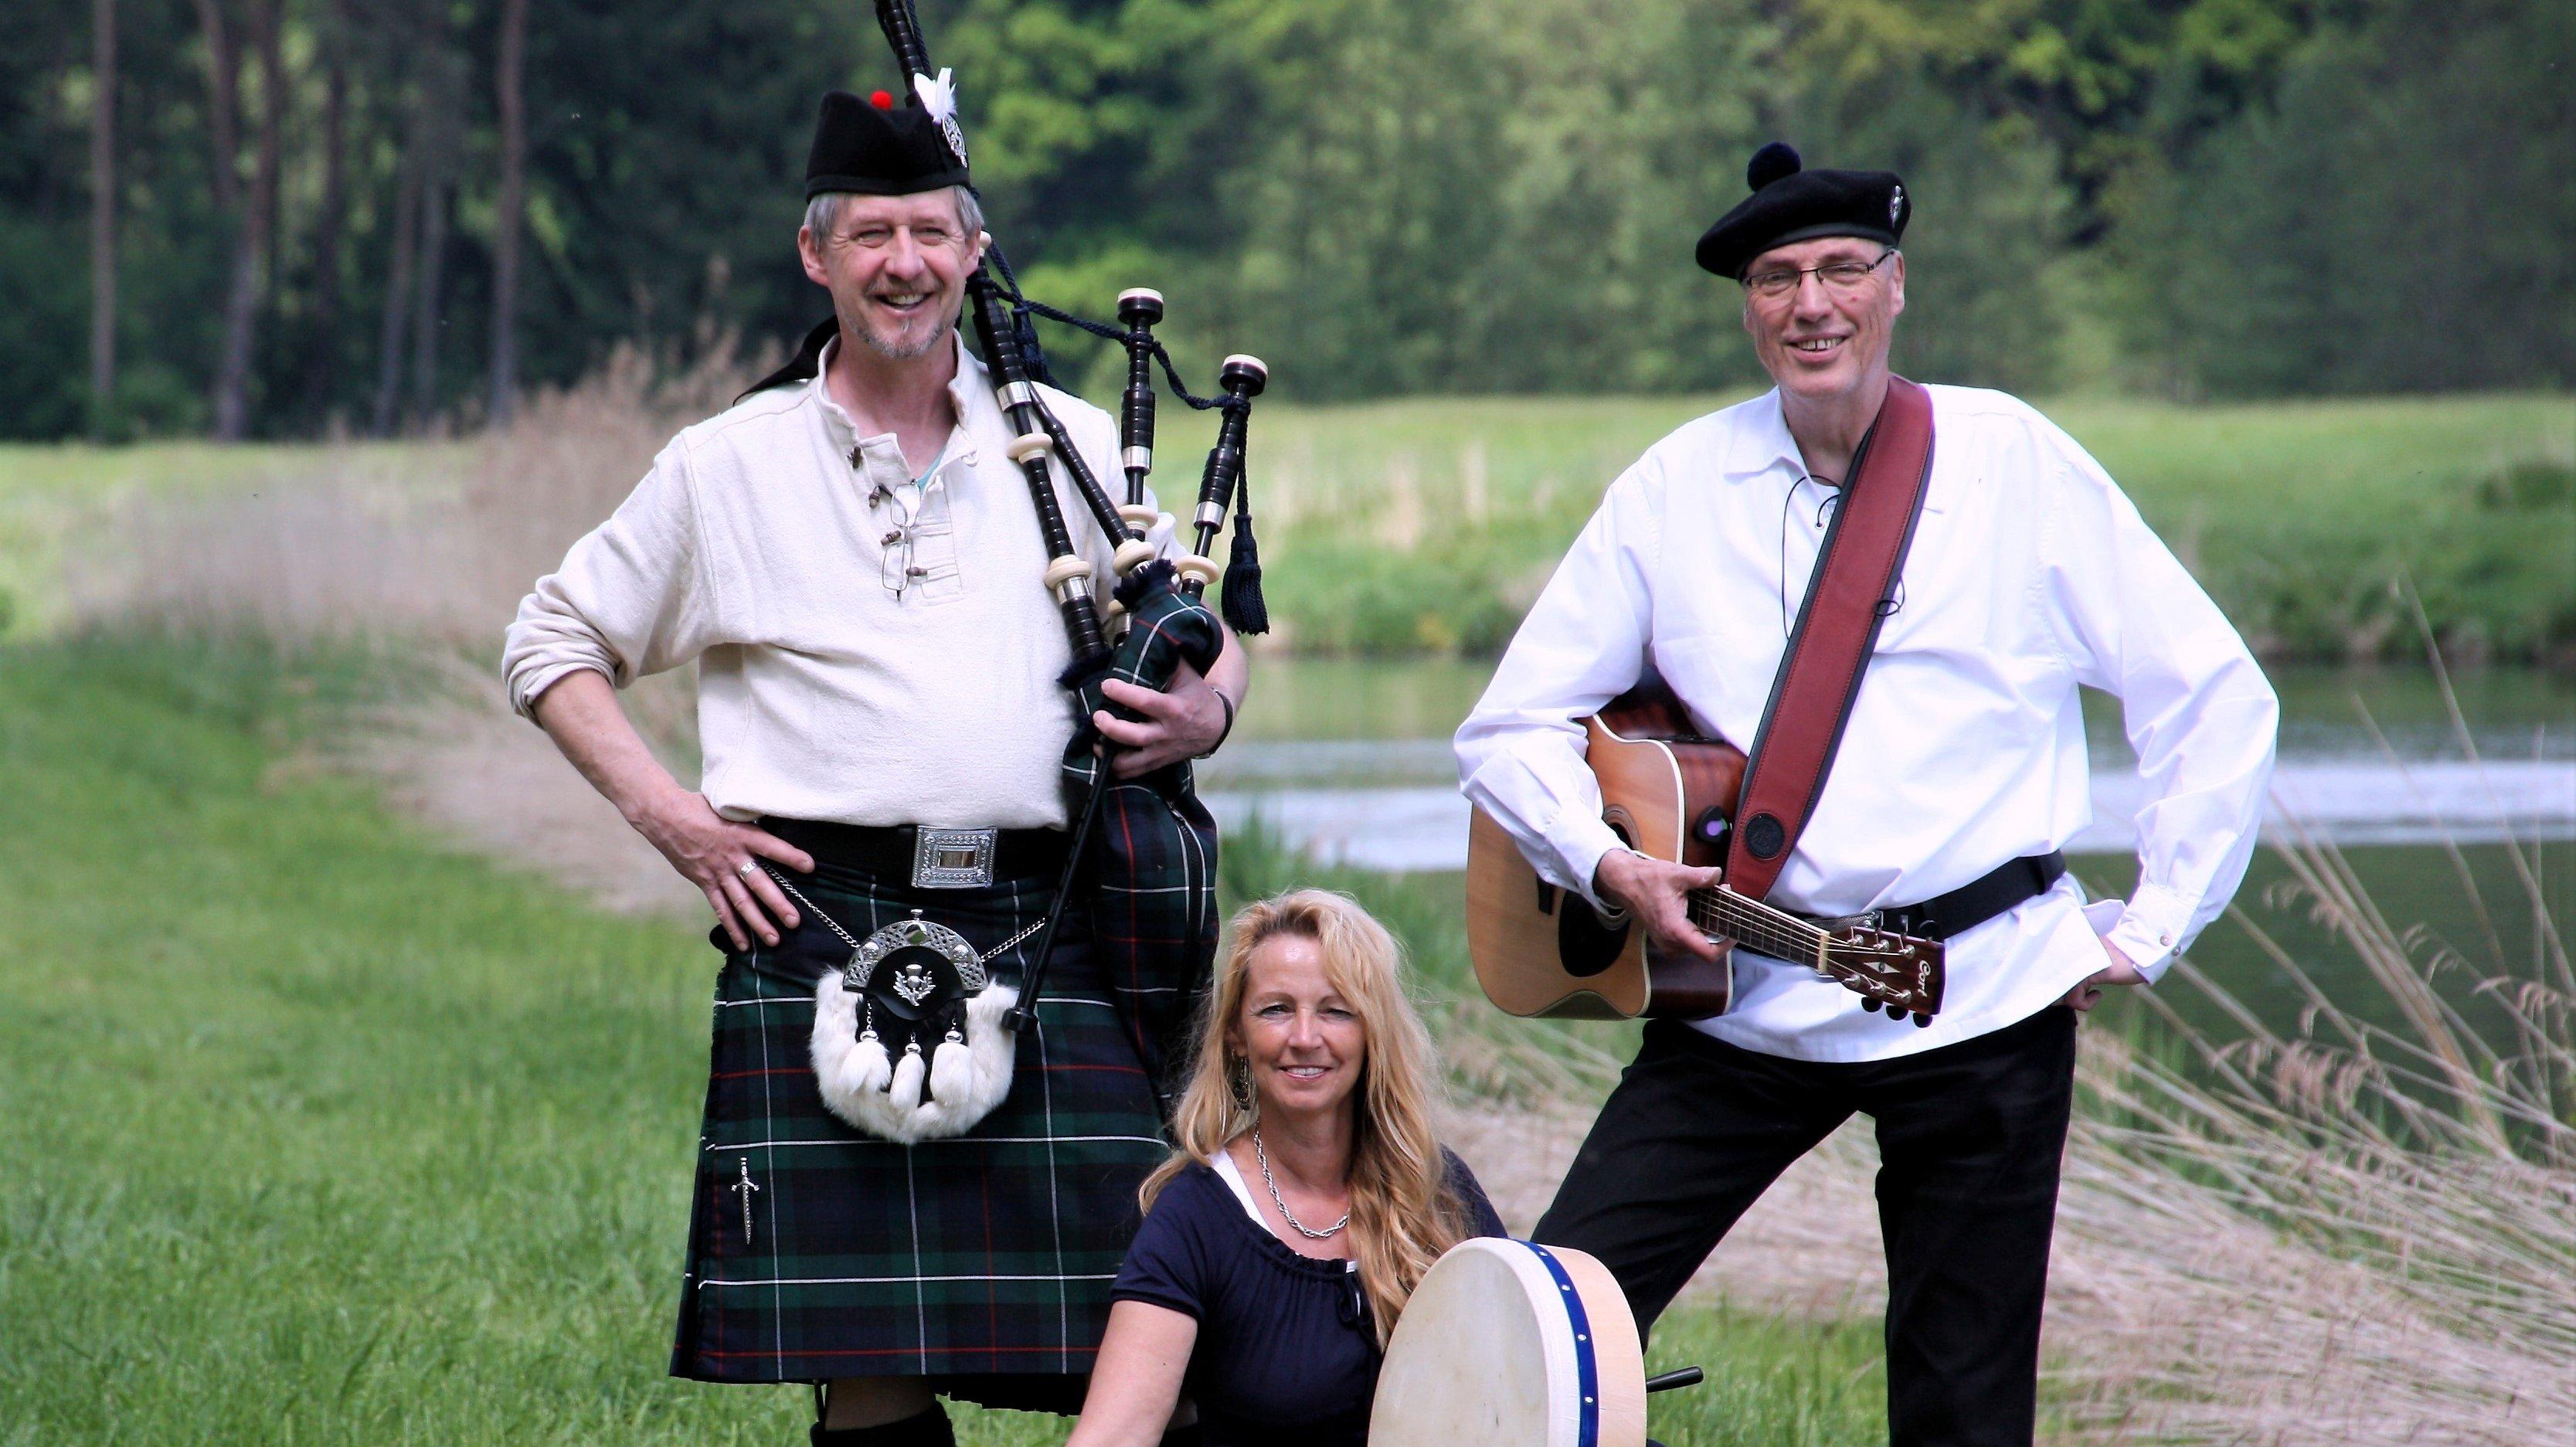 West Highland Band